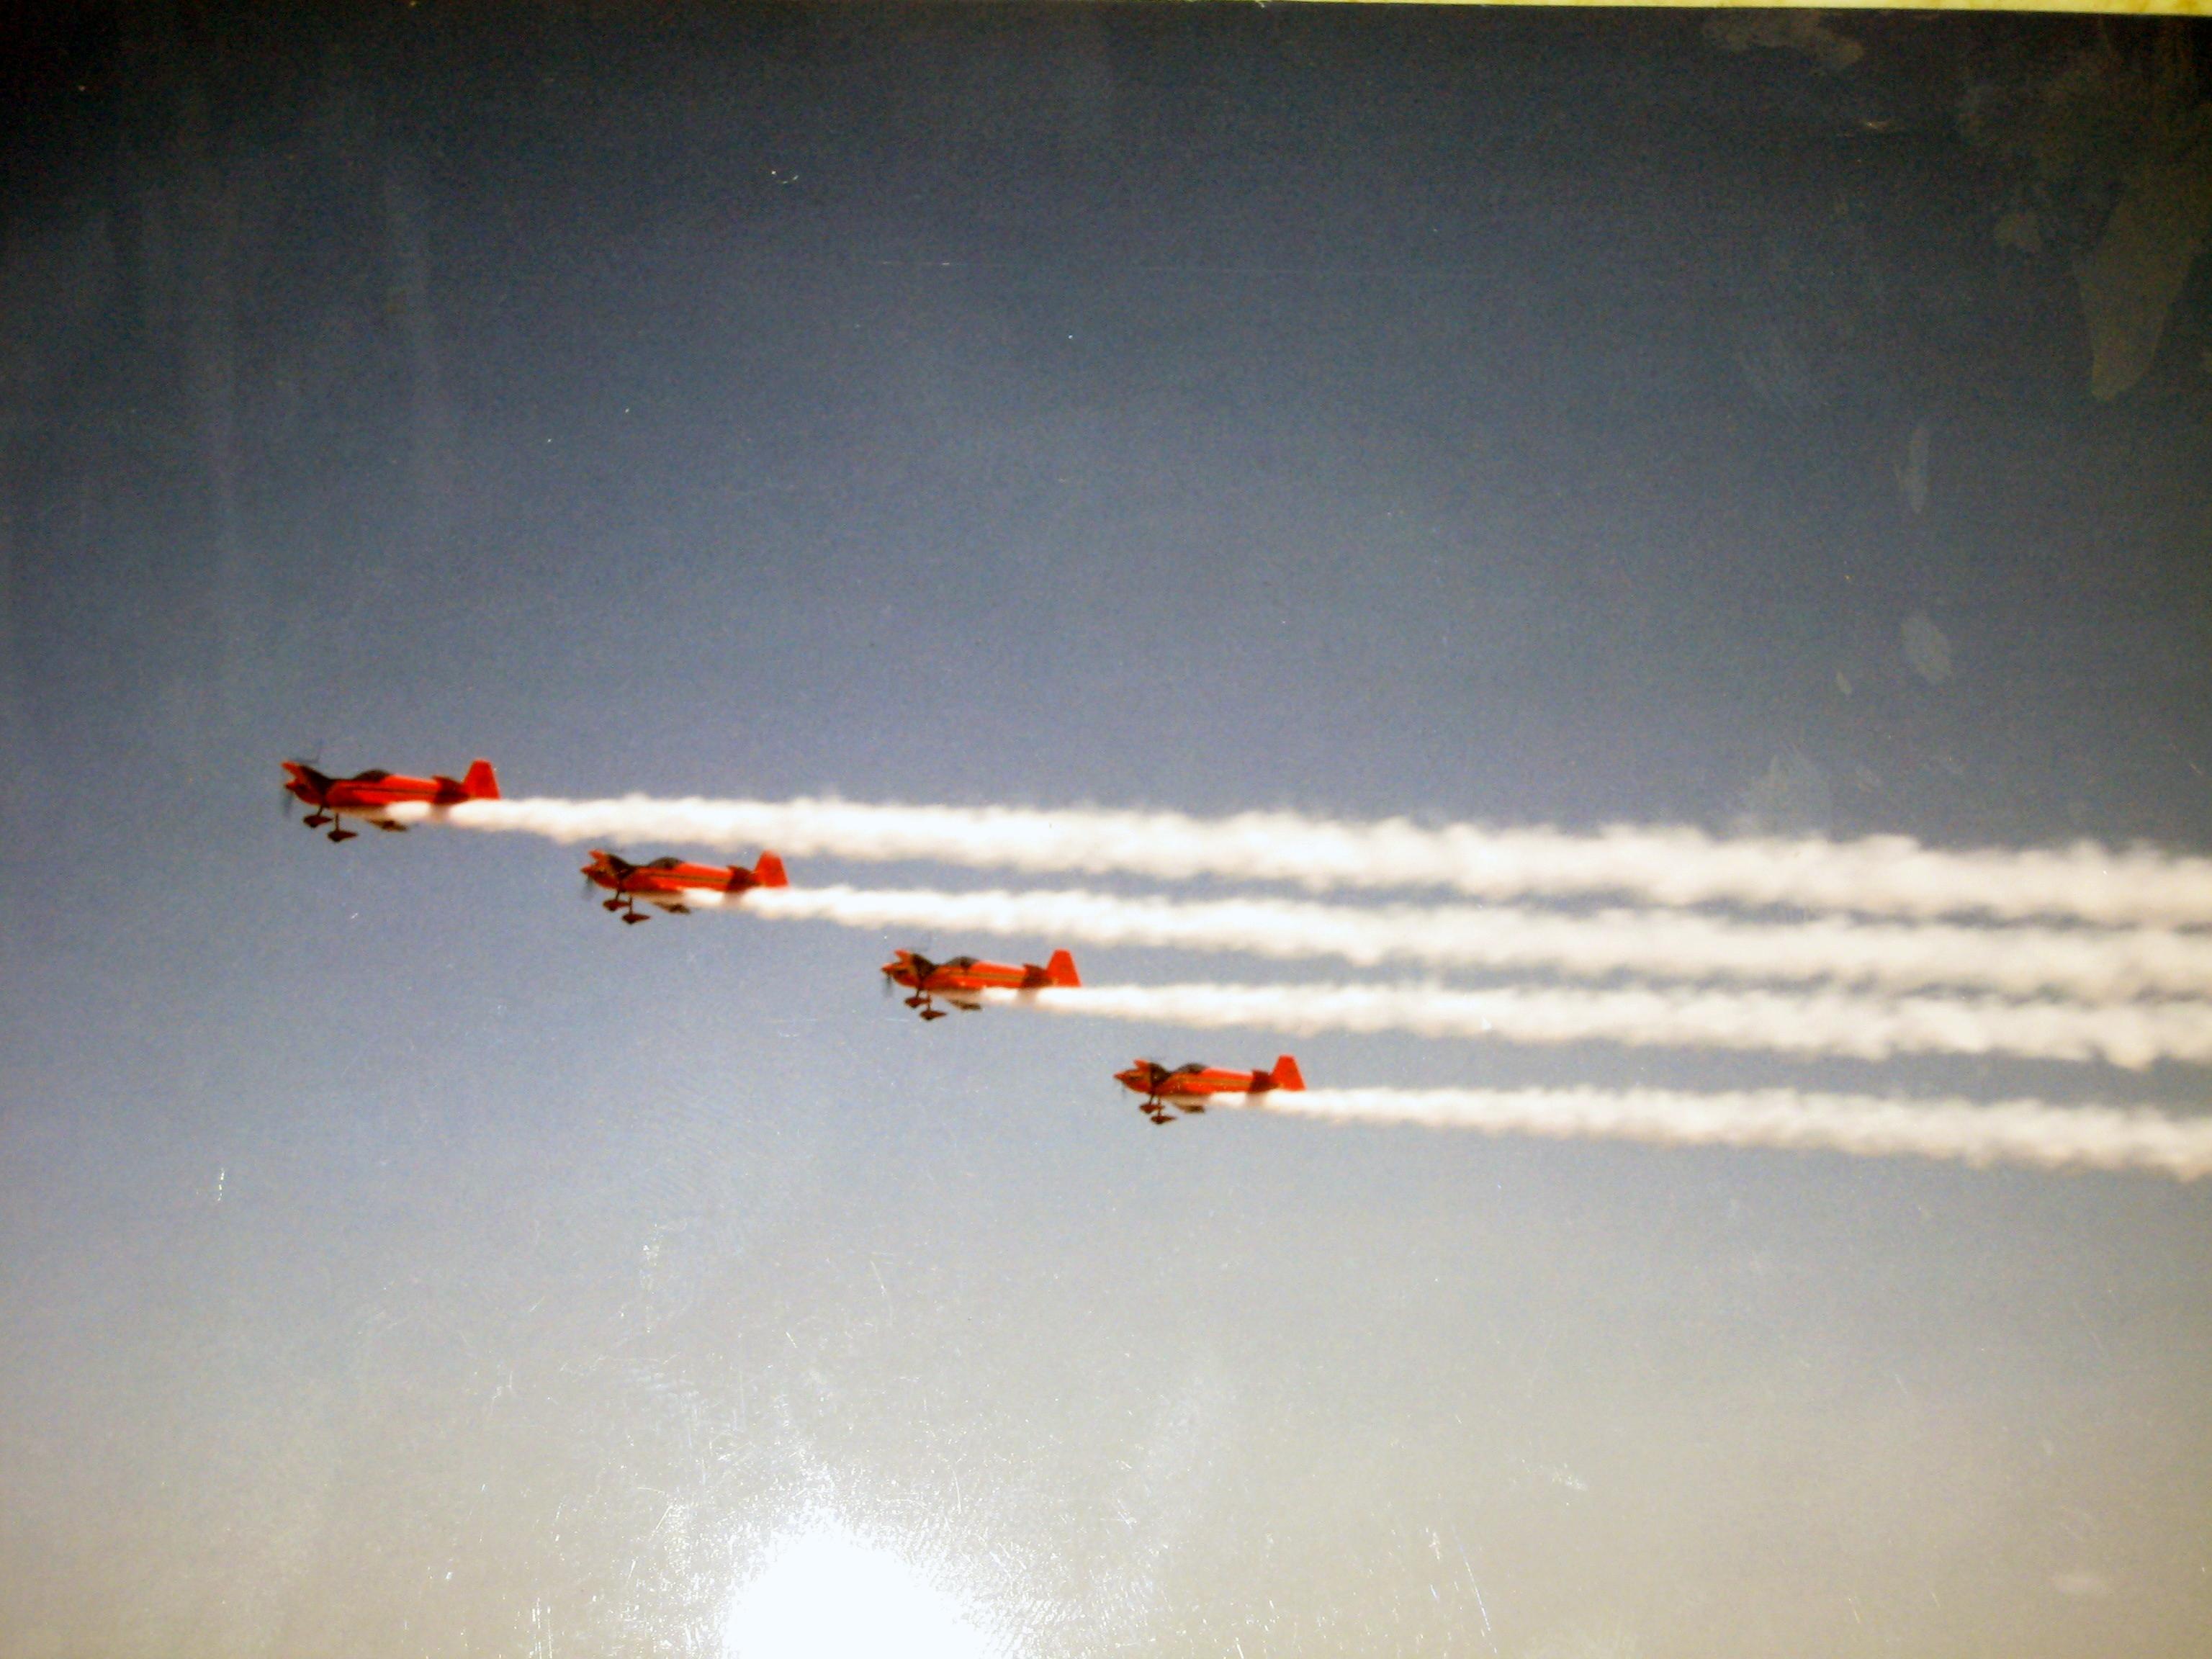 la patrouille acrobatique : la marche verte - Page 8 151005043038330056